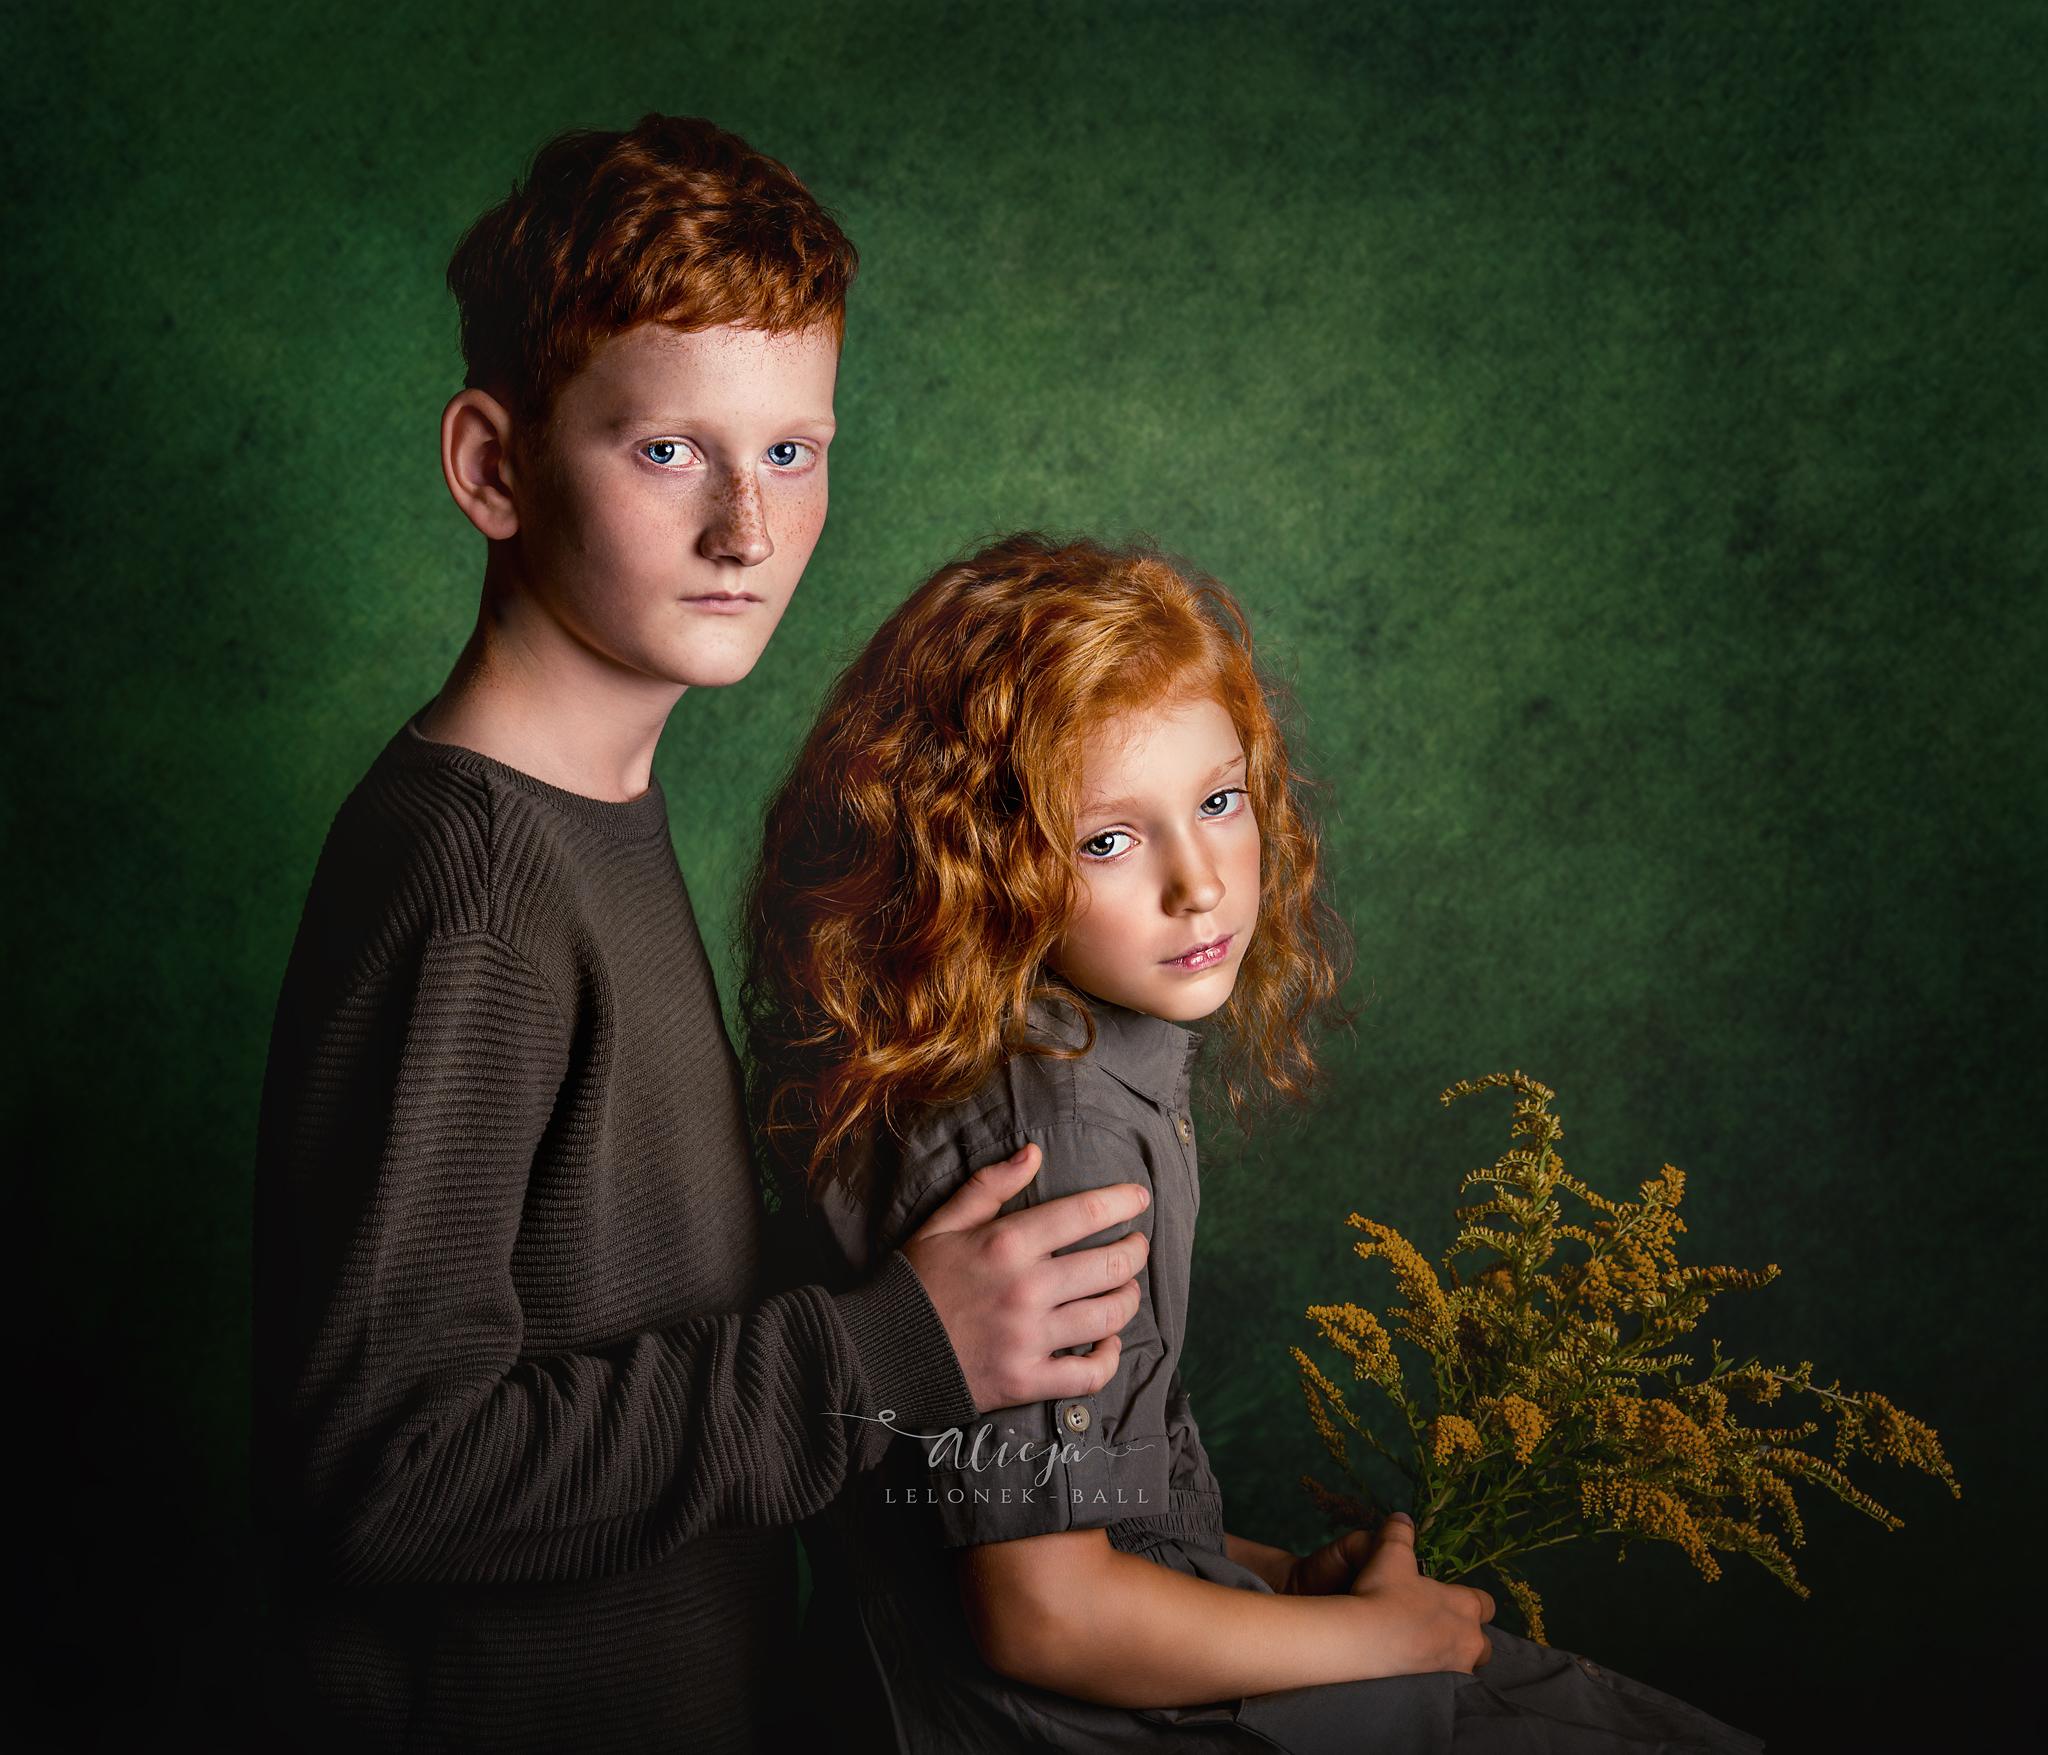 Warsztaty Fotograficzne – Portret Dziecięcy Fine Art